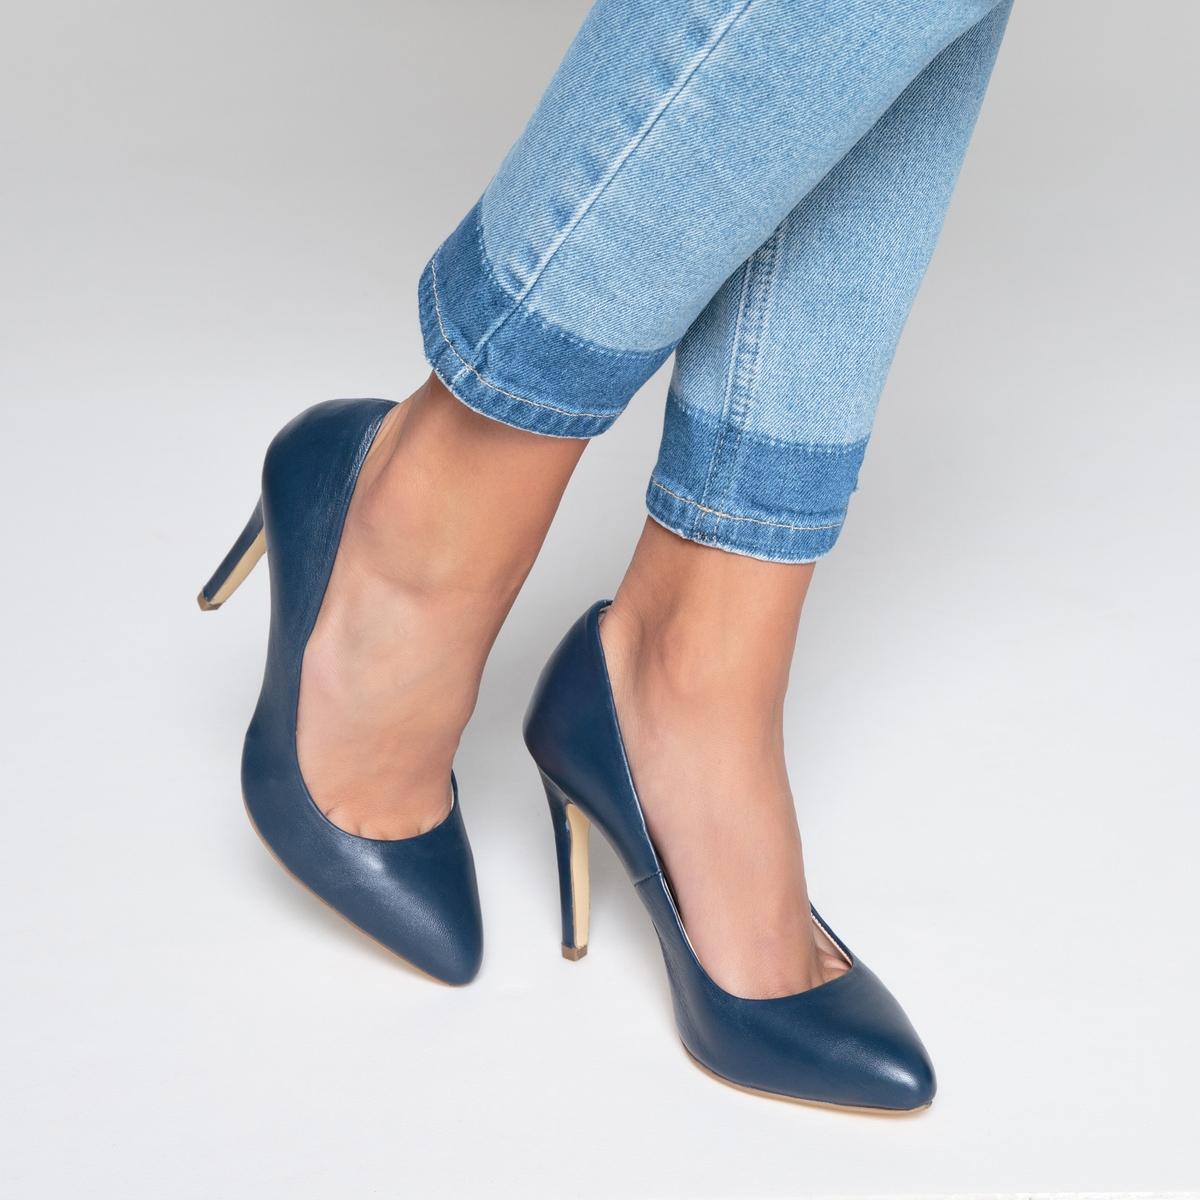 Туфли кожаные на высоком каблукеДетали  •  Каблук-шпилька •  Высота каблука : 10 см •  Застежка : без застежки •  Заостренный мысок •  Гладкая отделкаСостав и уход  •  Верх 100% кожа •  Подкладка 100% кожа •  Стелька 100% кожа •  Подошва 100% кожа<br><br>Цвет: синий,черный<br>Размер: 39.38.41